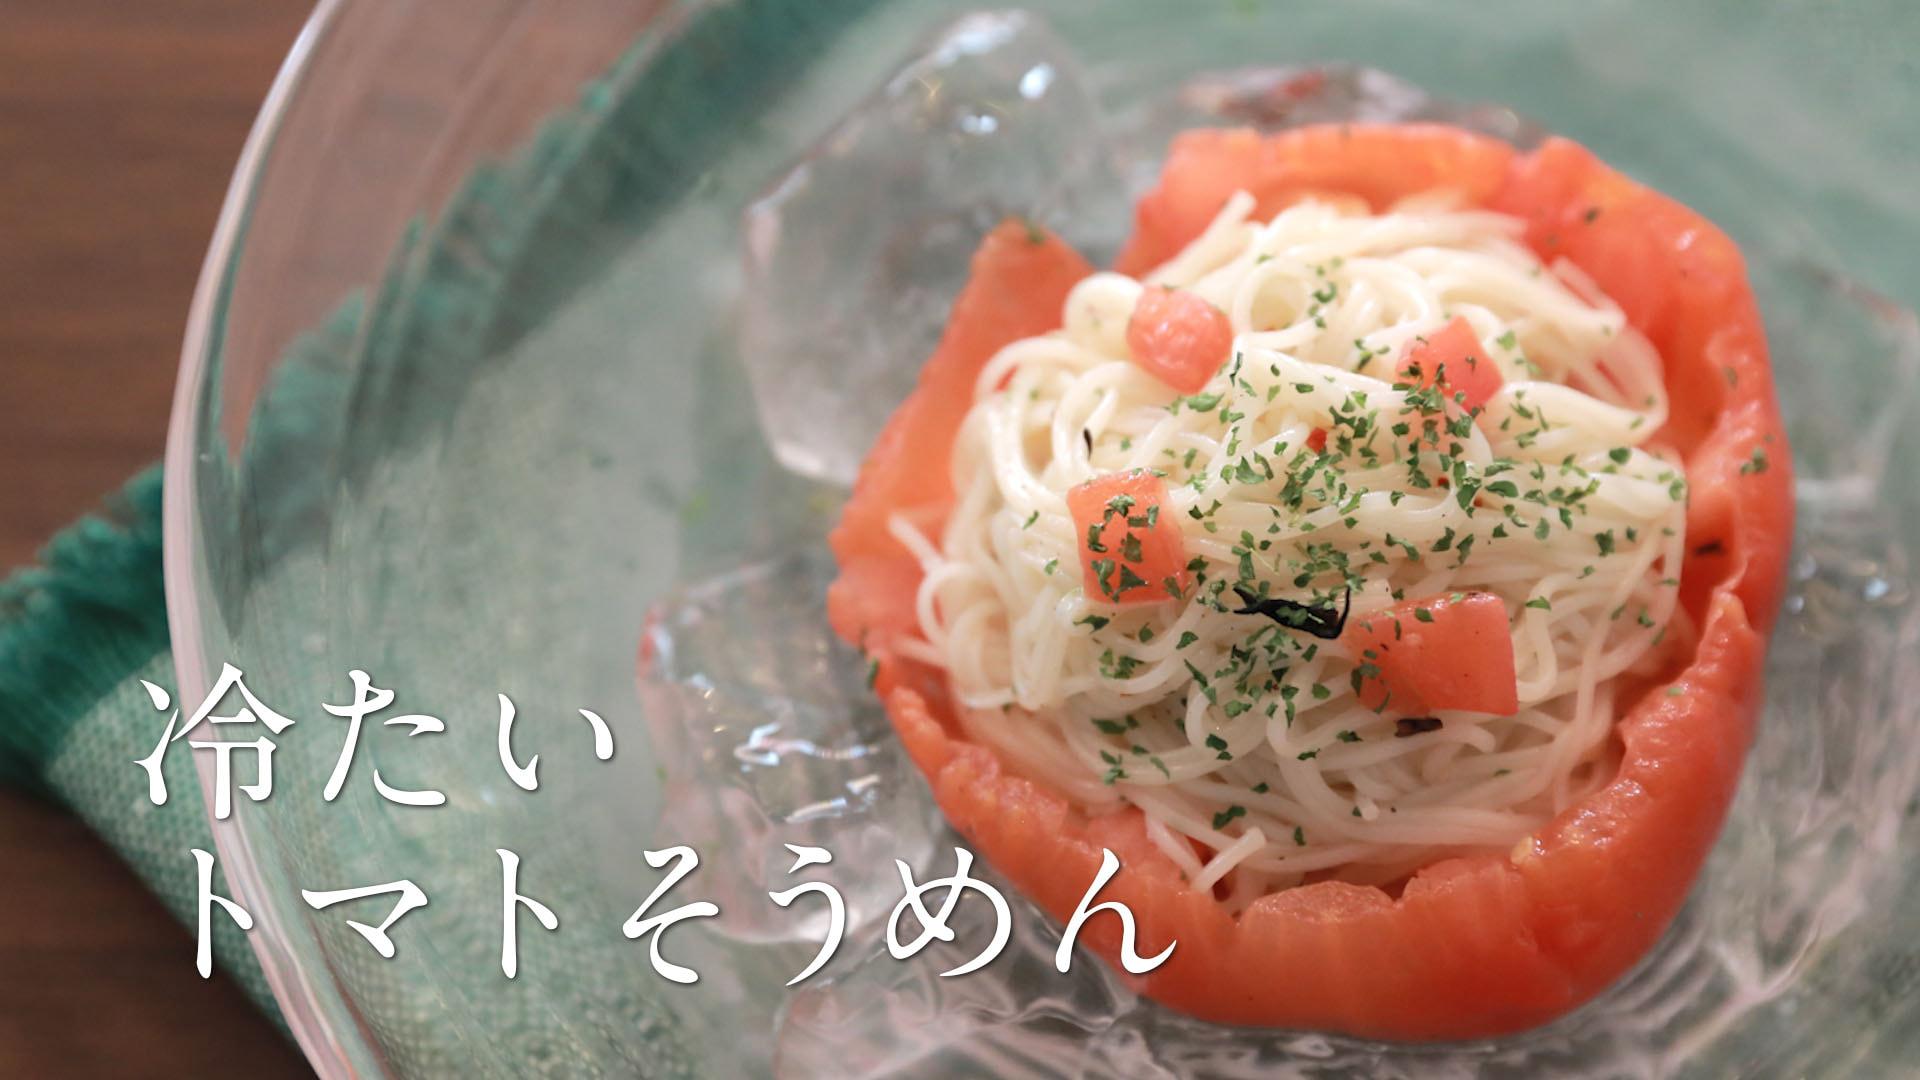 オシャレな前菜に早変わり「冷たいトマトそうめん」